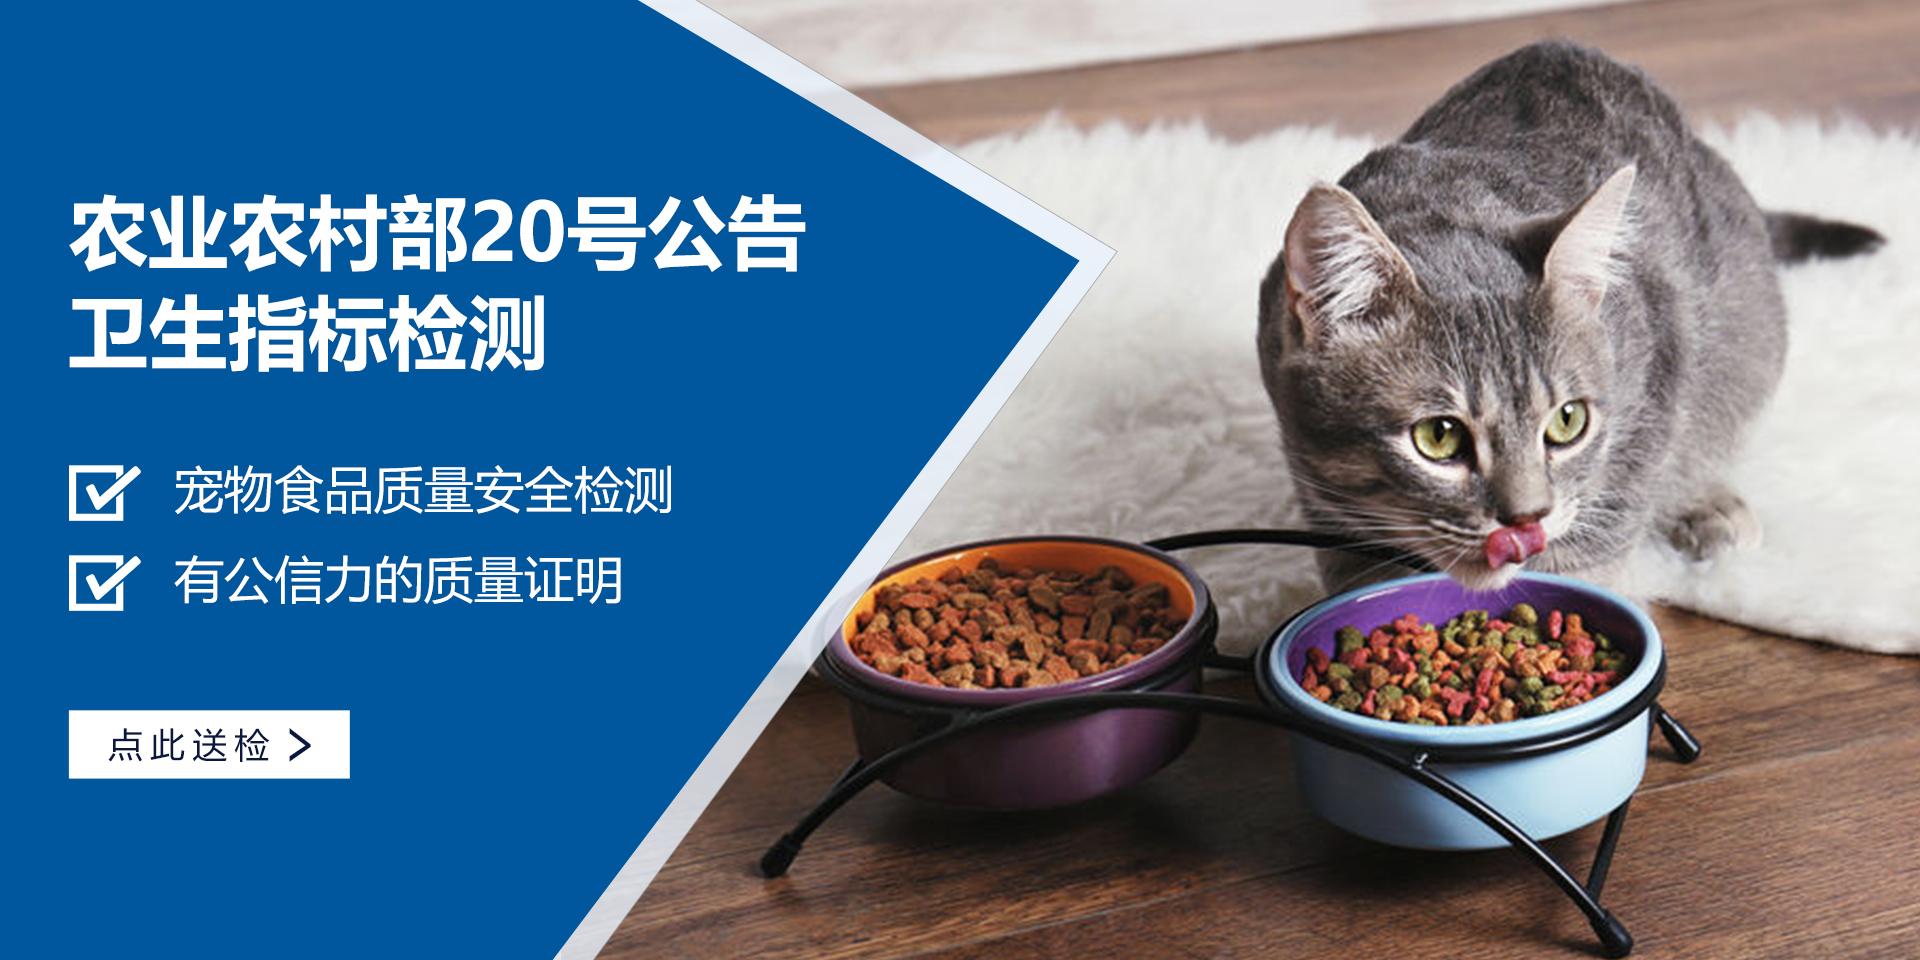 宠物食品20号公告